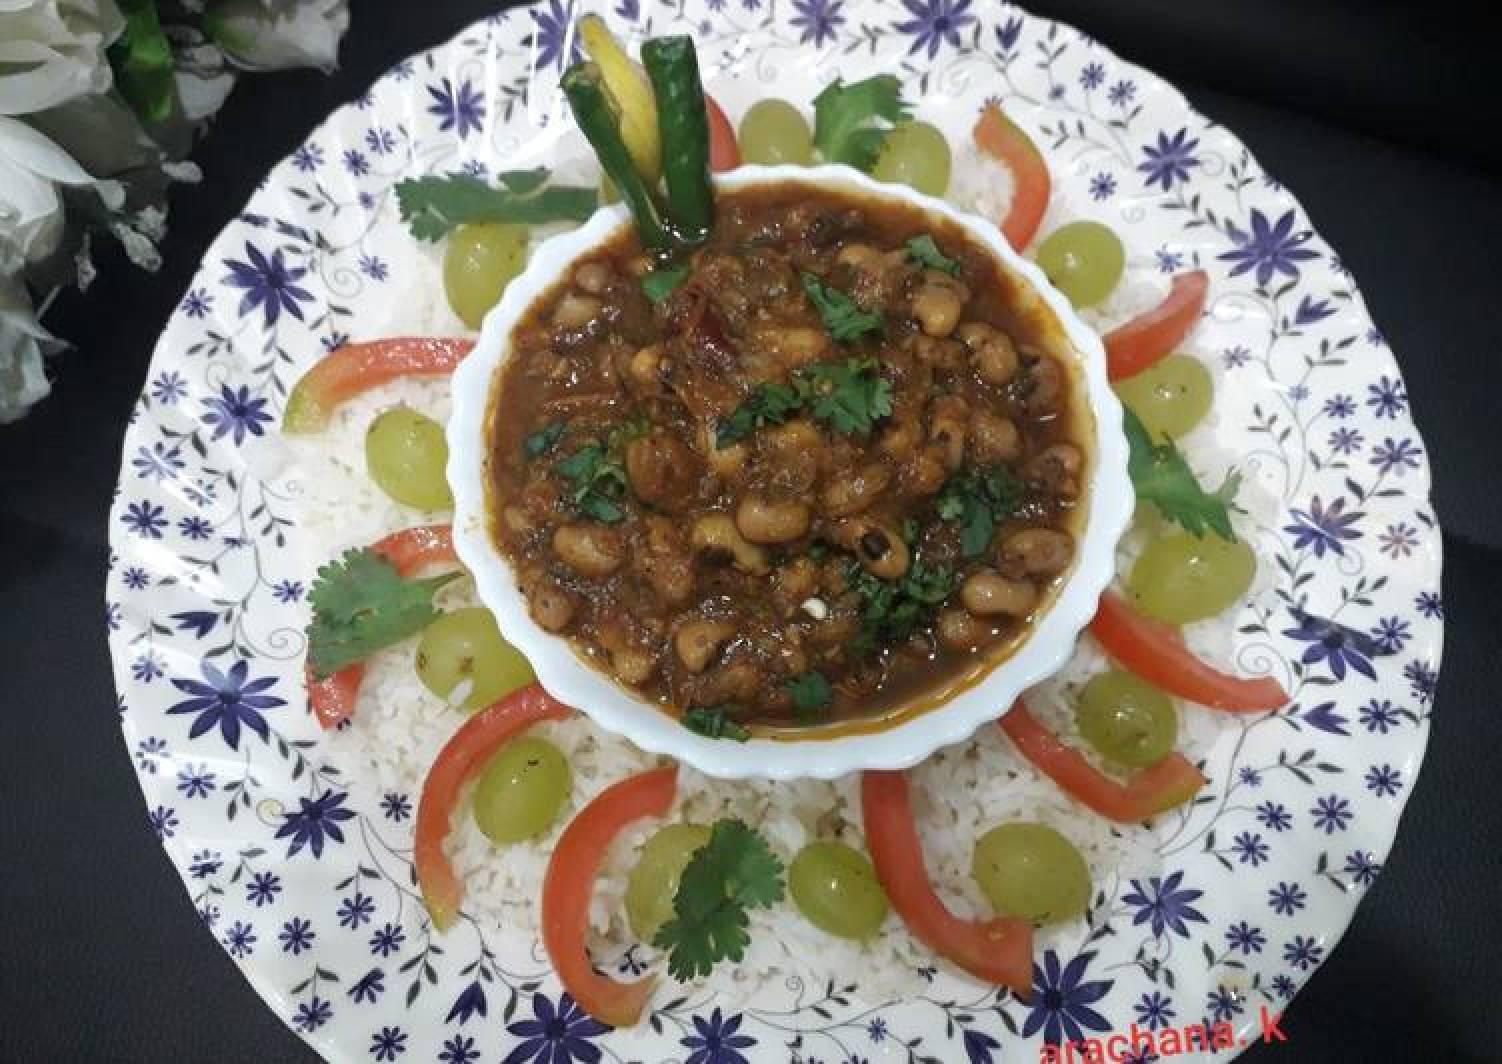 Soyabean ki hot spicy dal